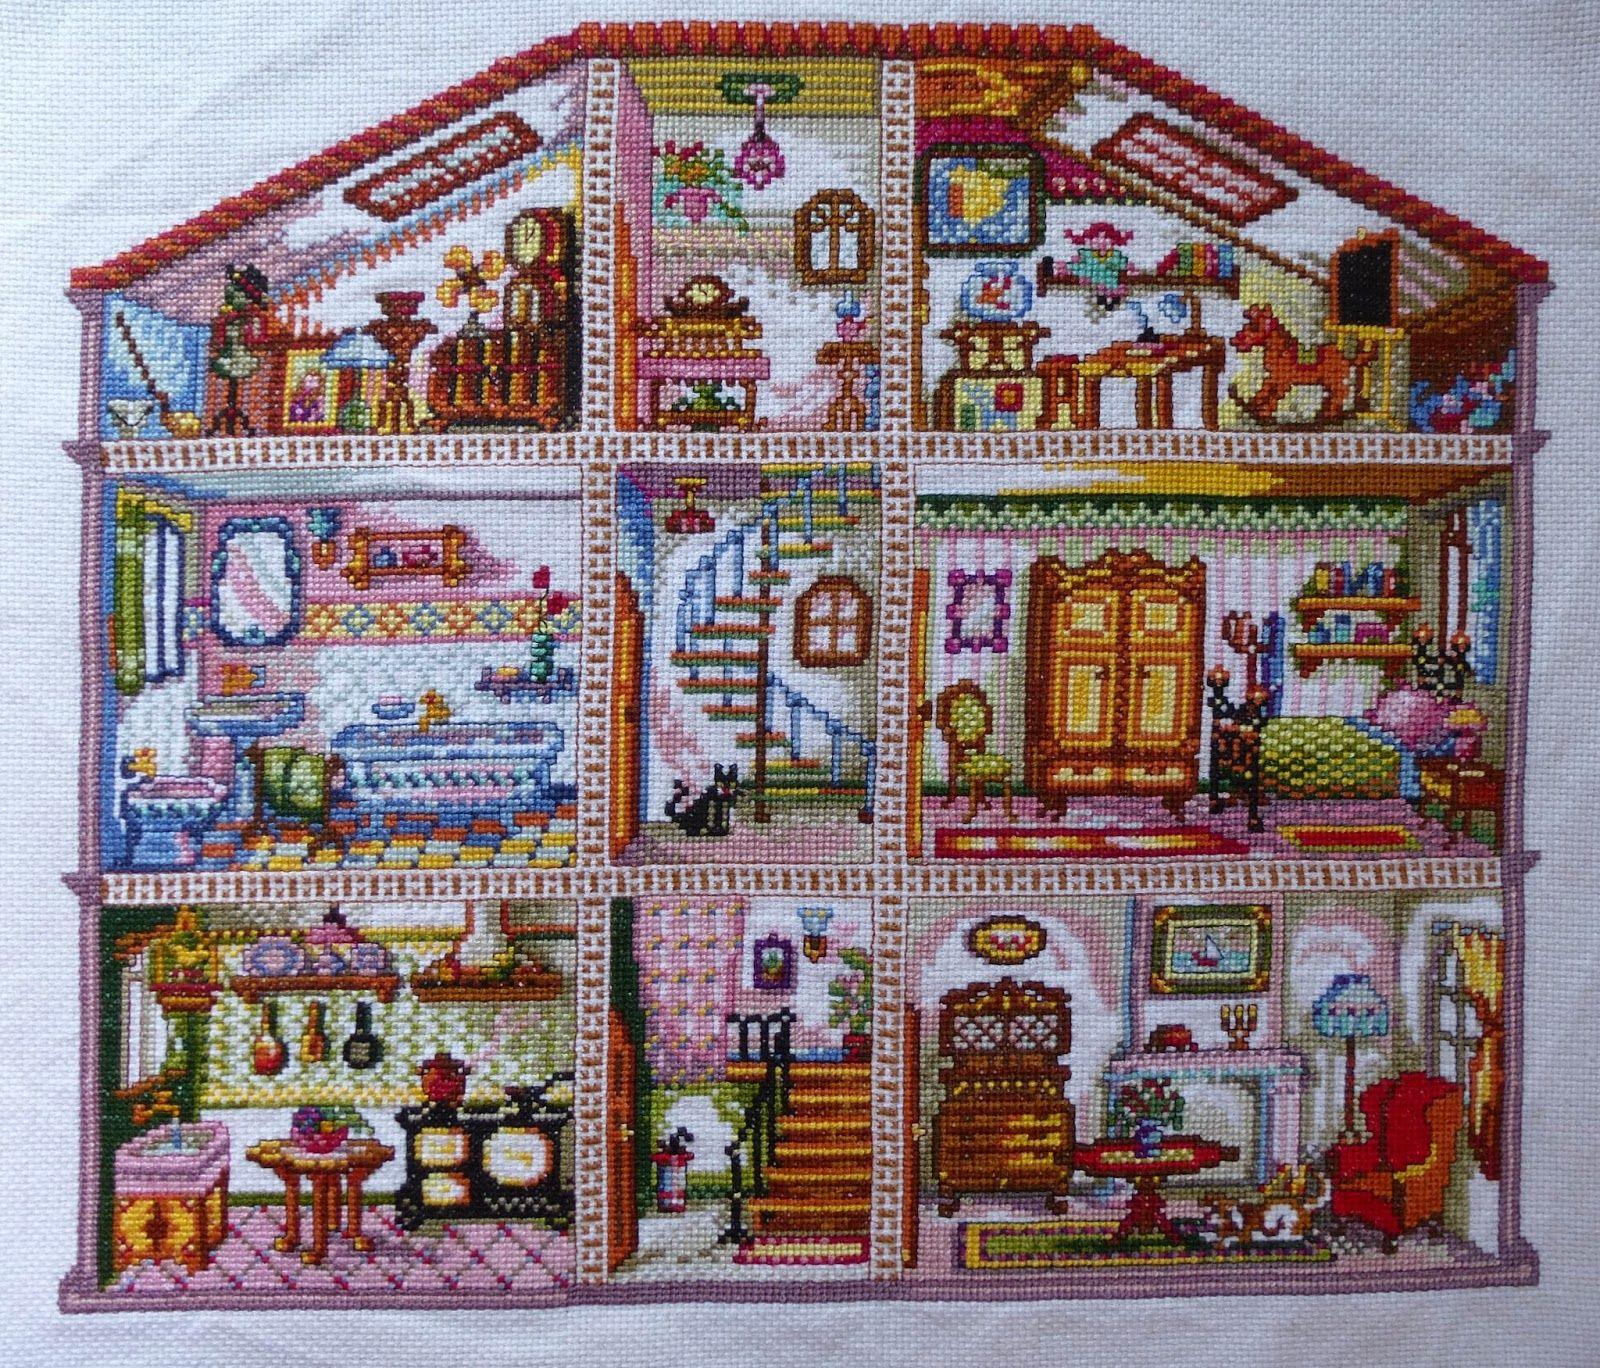 Las labores de mi madre: Patrones a punto de cruz, Casa de muñecas ...